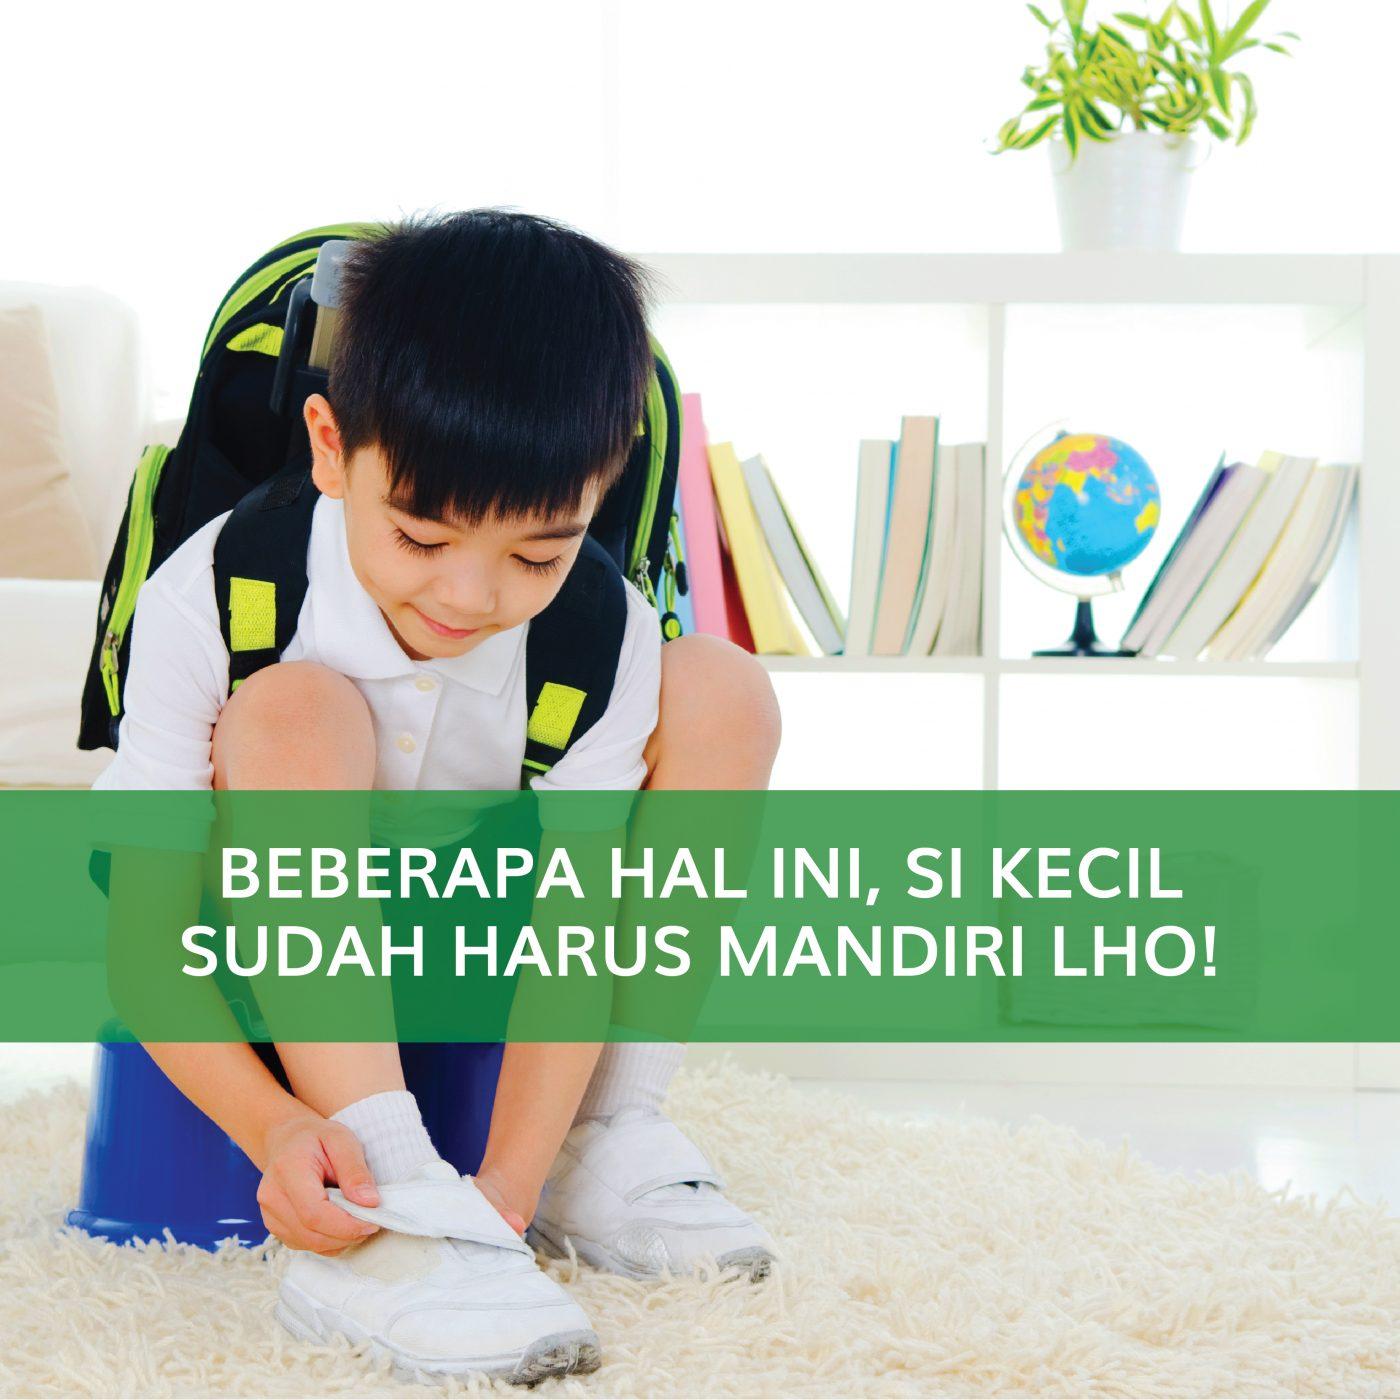 Image BEBERAPA HAL INI, SI KECIL HARUS MANDIRI LHO!